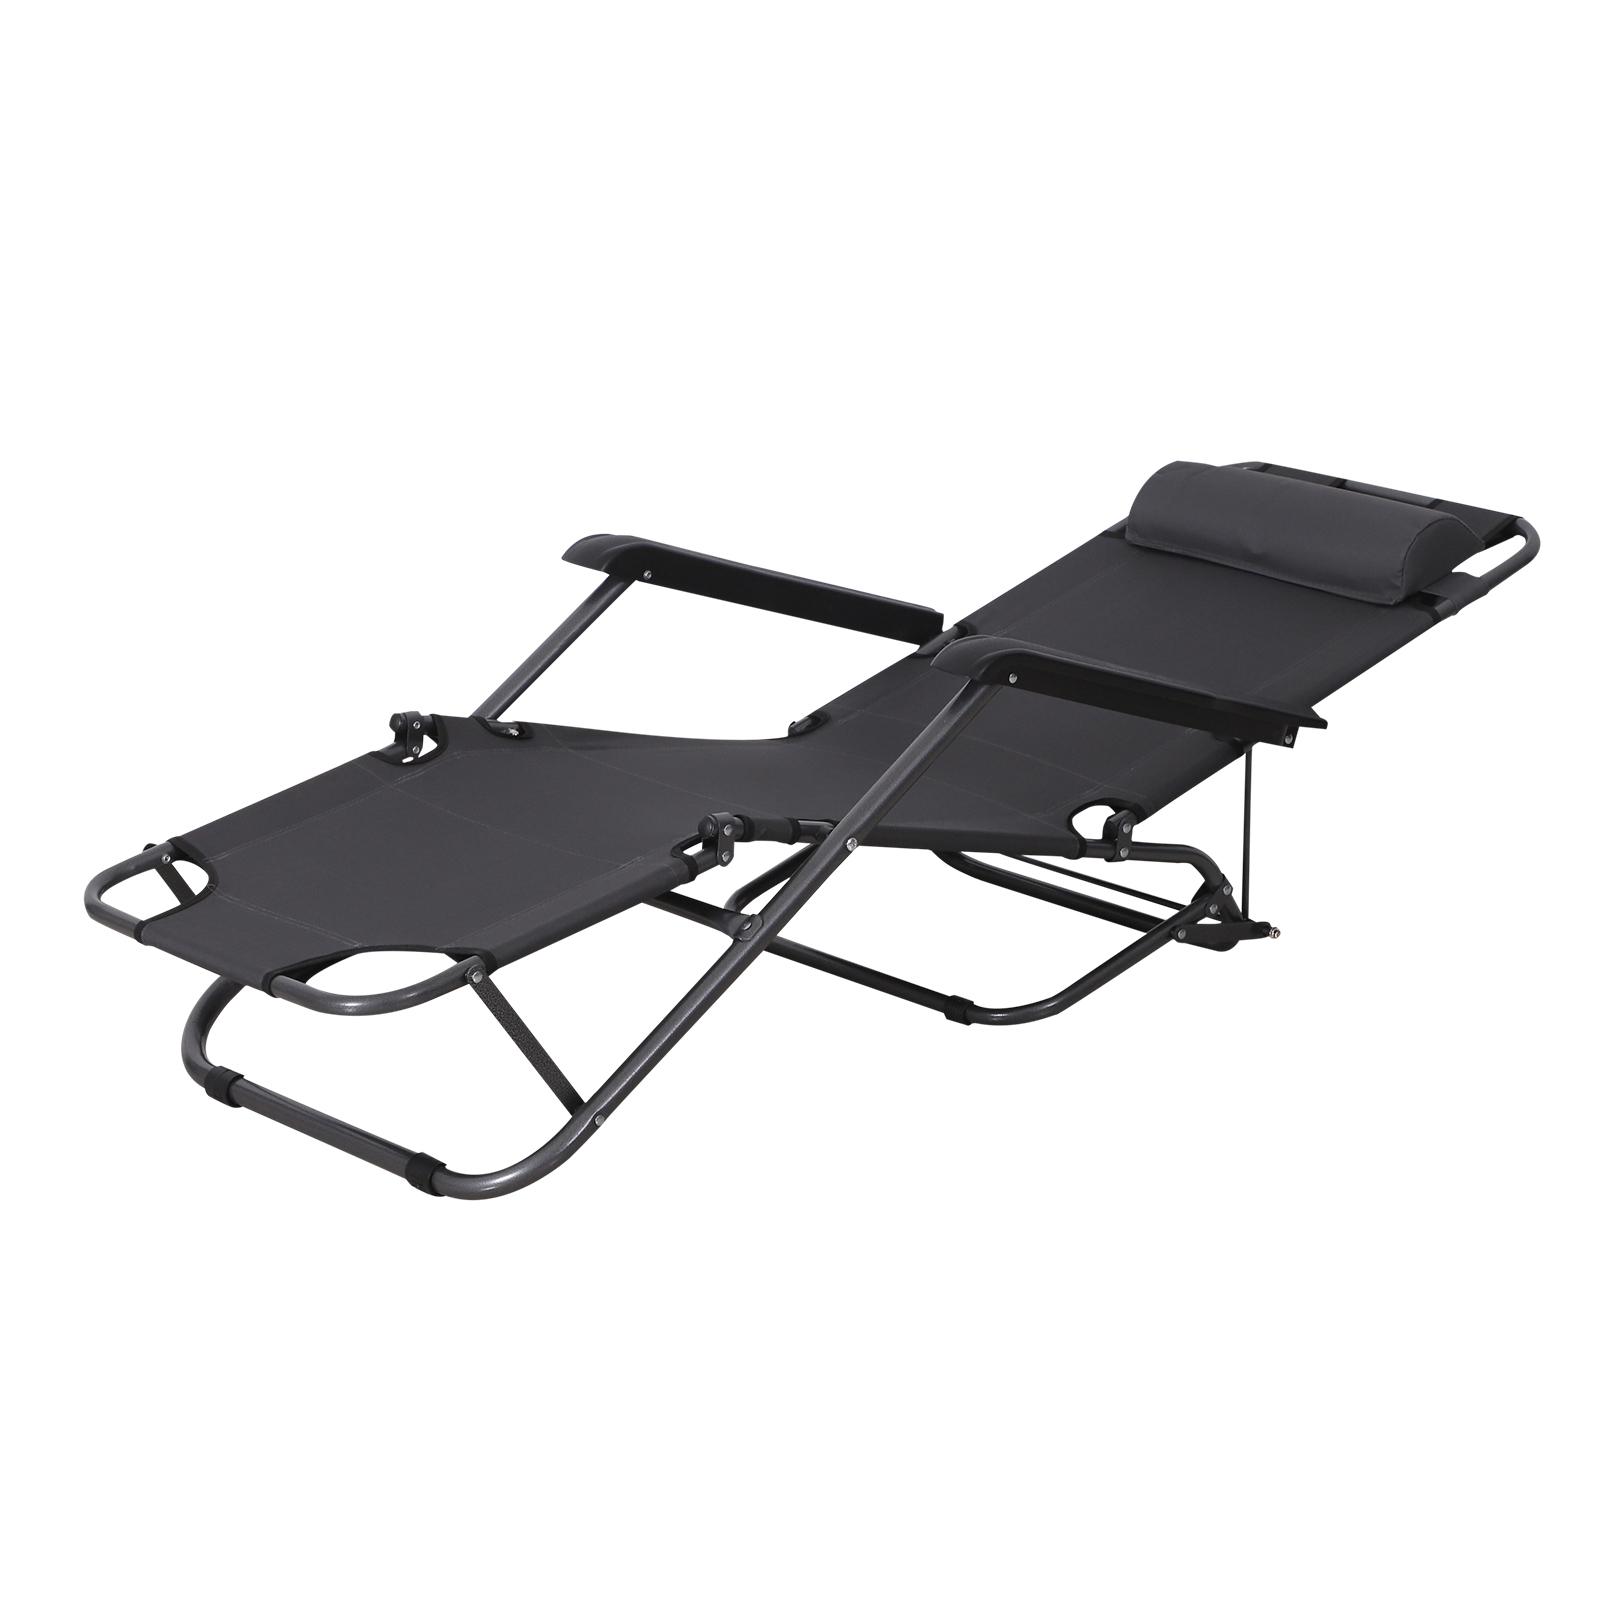 Bain de soleil chaise longue transat de jardin pliable oxford